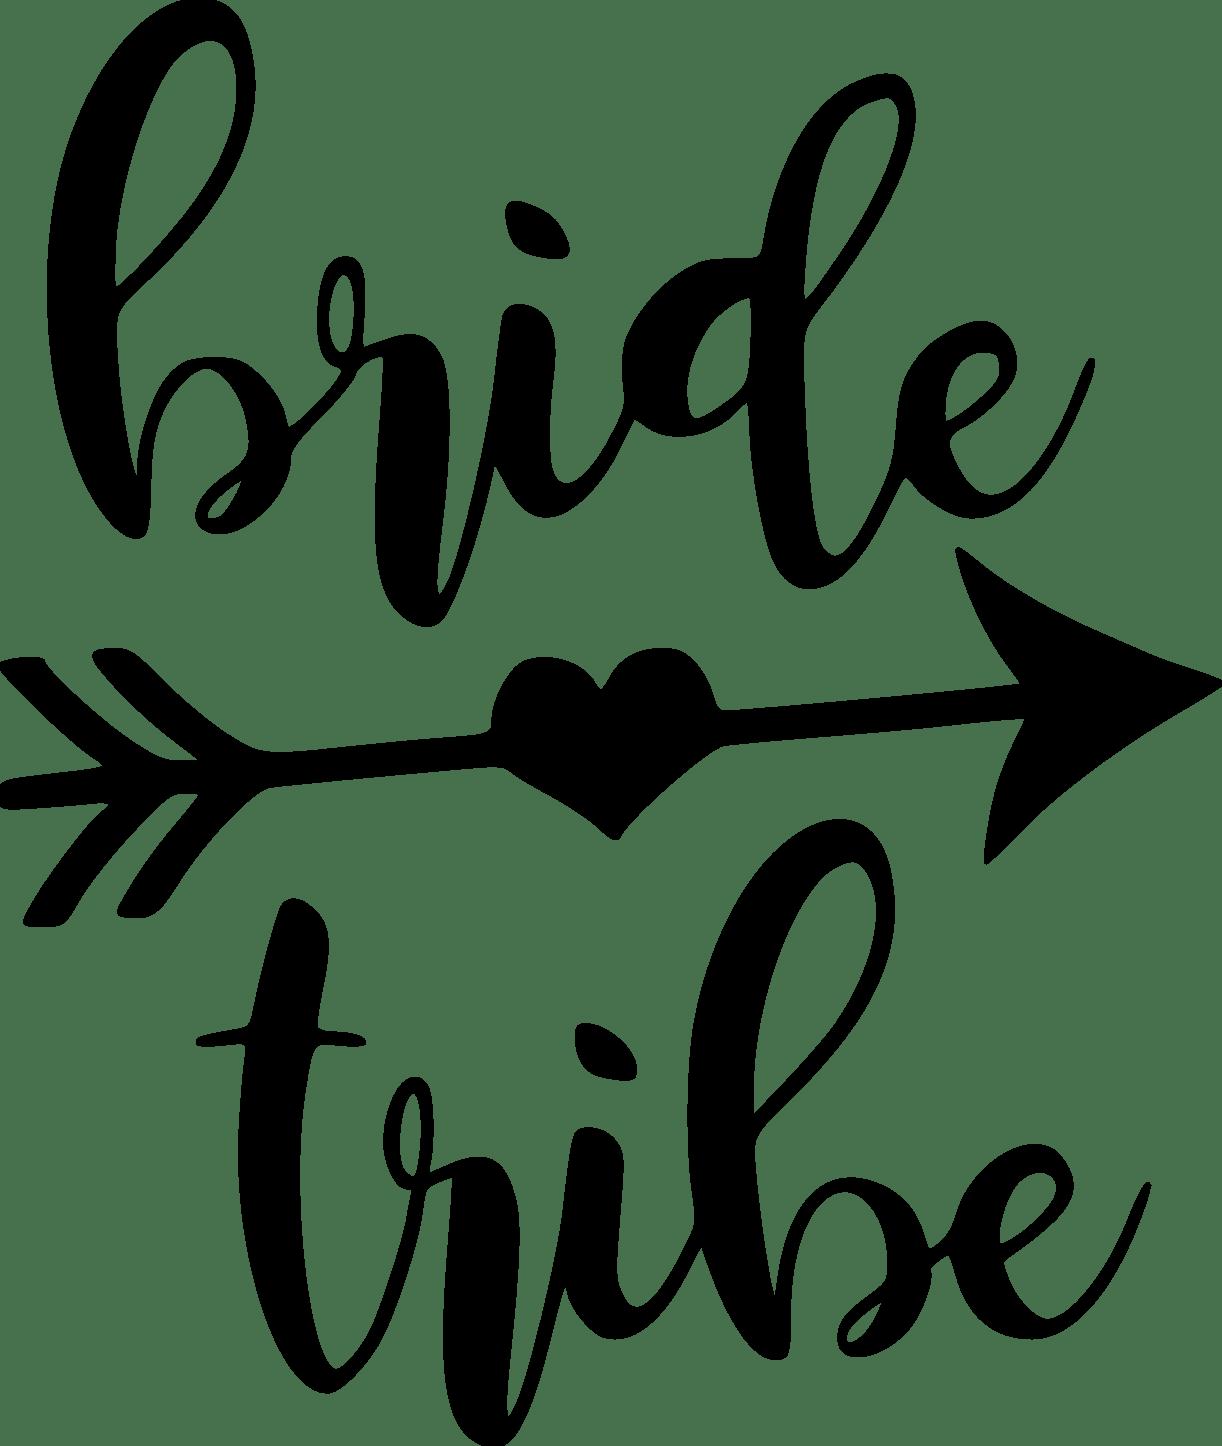 Groom Clipart Bride Squad Groom Bride Squad Transparent